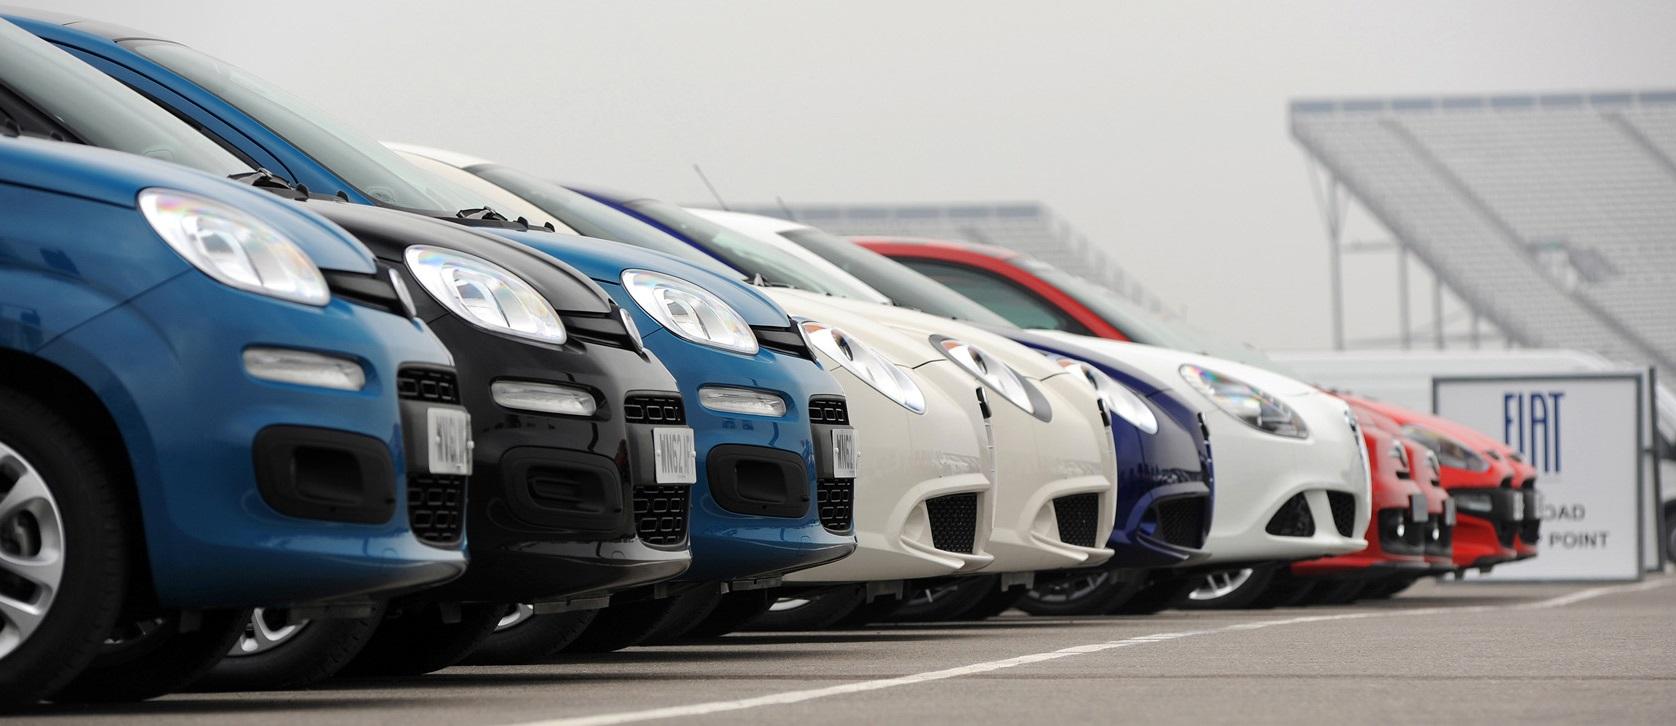 Fiat-Cars-2